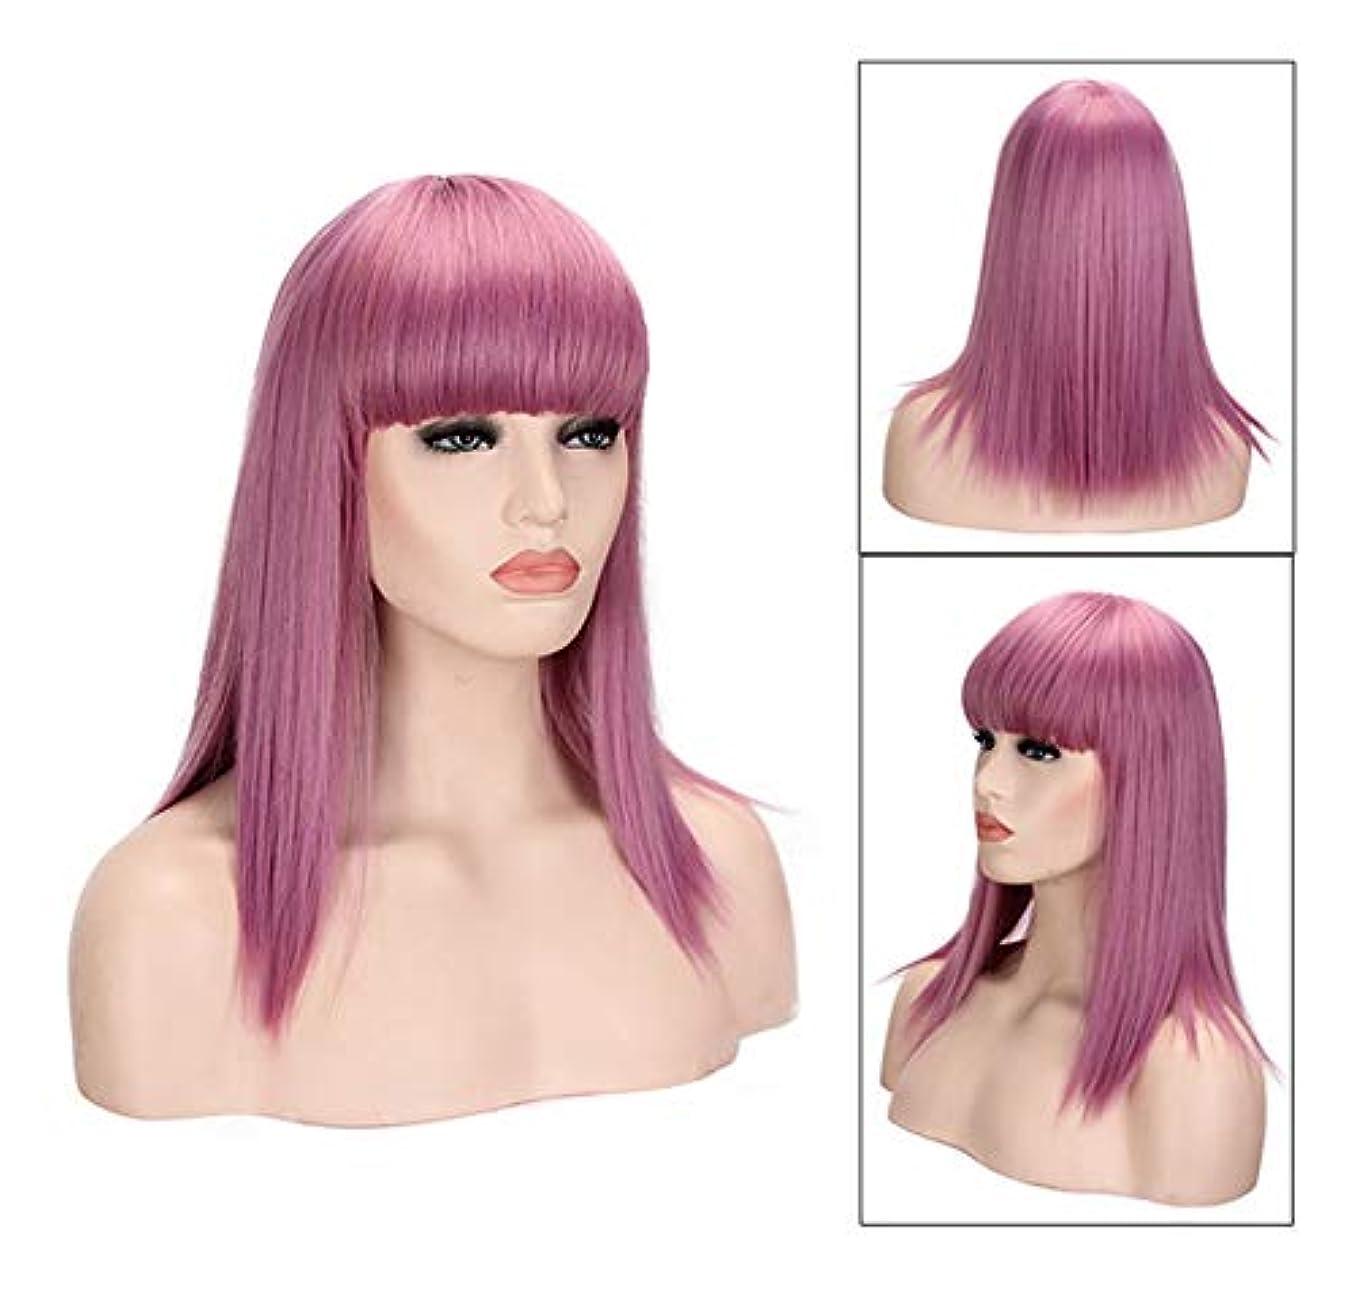 懲戒道に迷いました連隊女性用フルウィッグ、コスプレパーティーデイリードレスのヘアピースの前髪と自然なピンク合成ミディアムロングストレートの髪